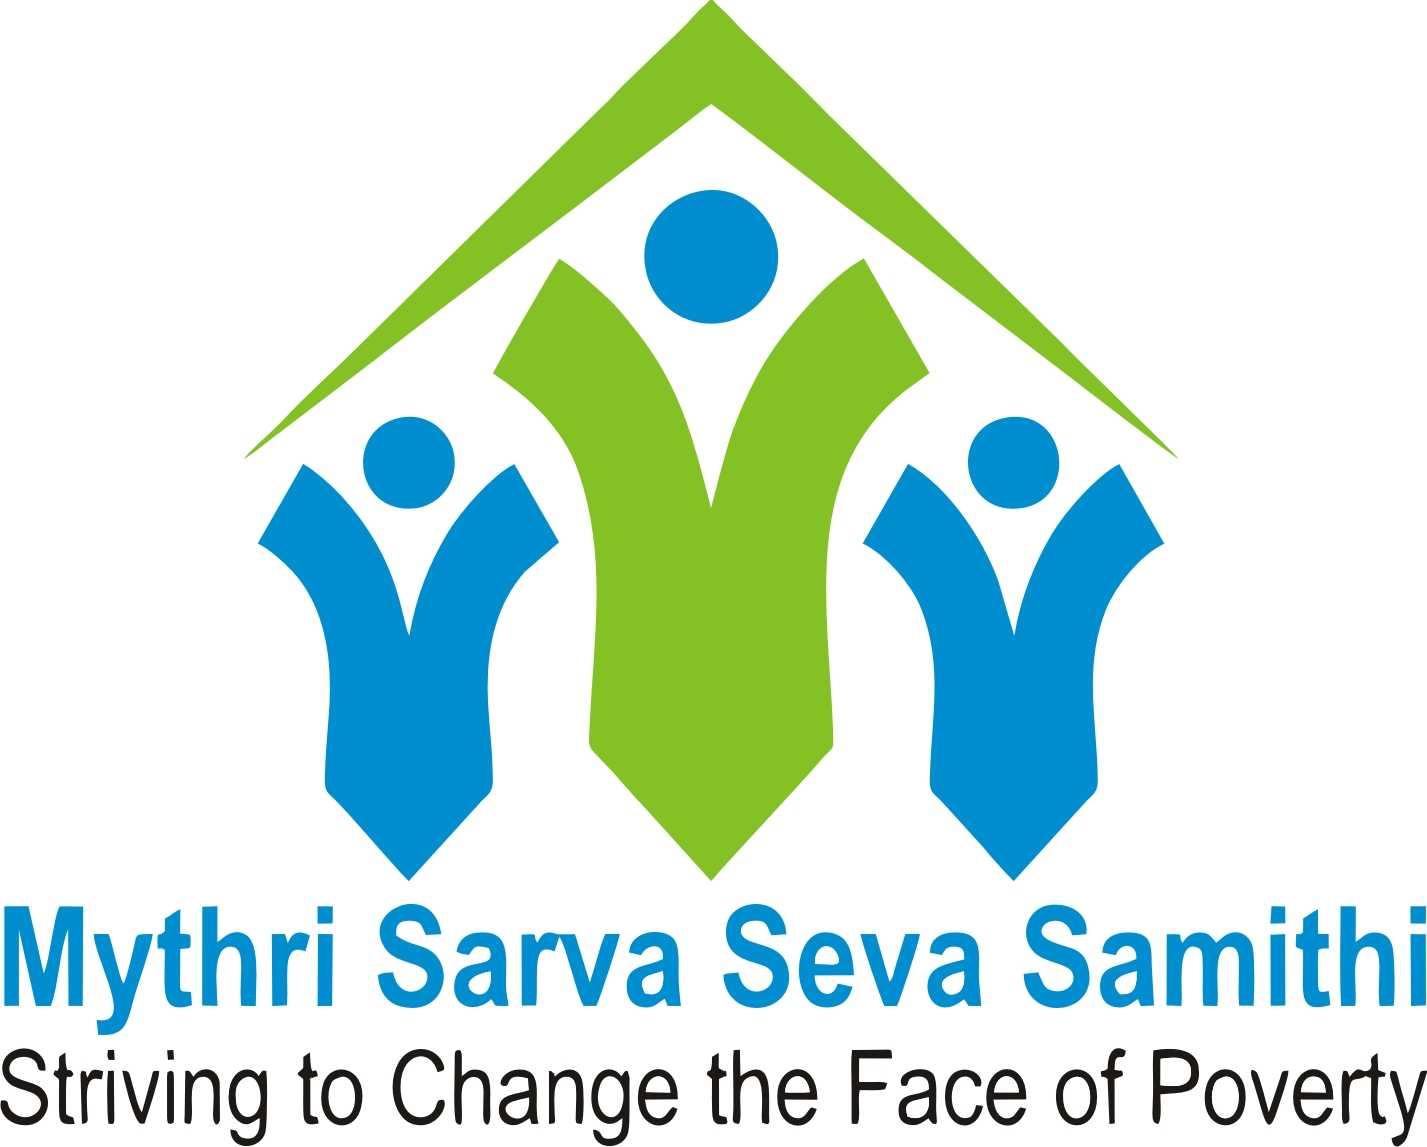 MYTHRI SARVA SEVA SAMITHI